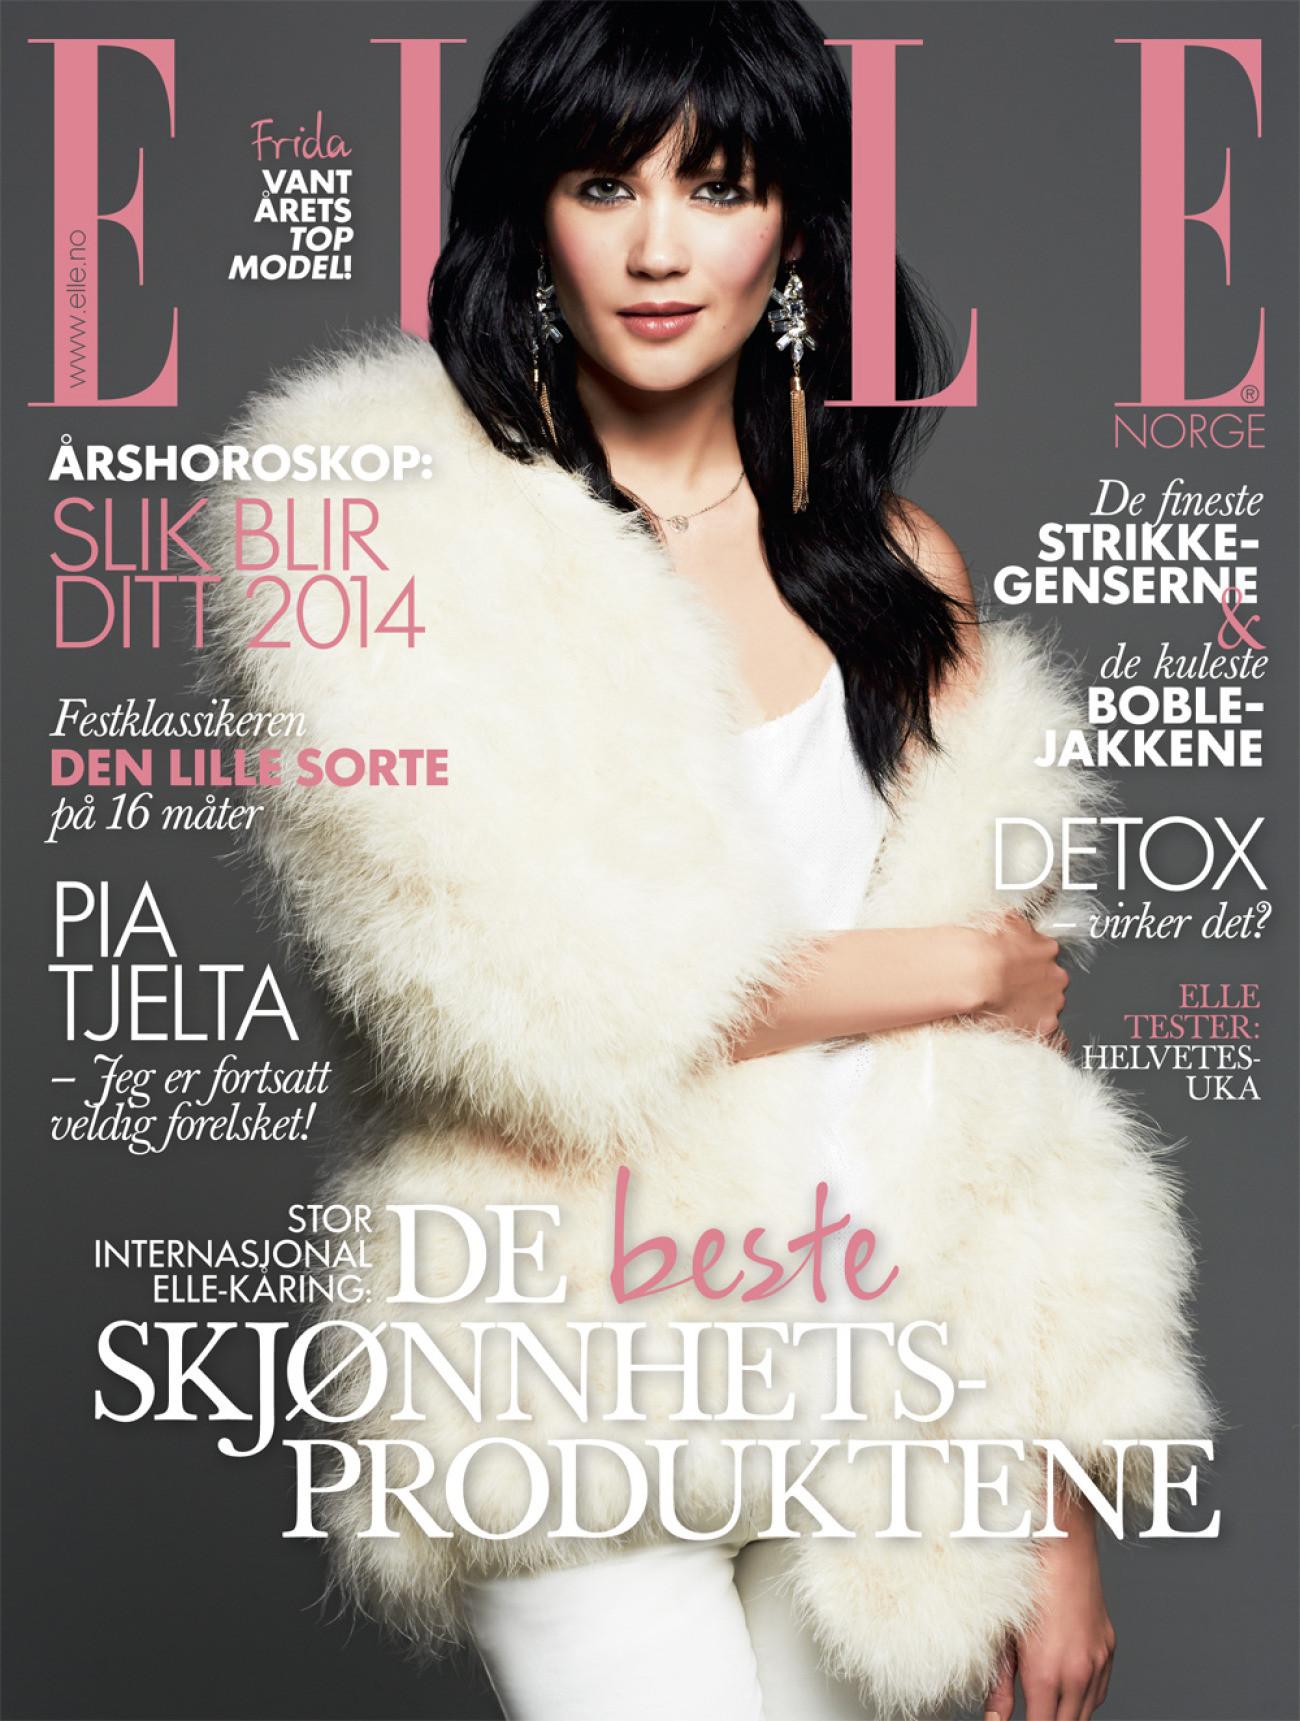 Bilde av Frida Børli Solaker på forsiden av Elle Norge